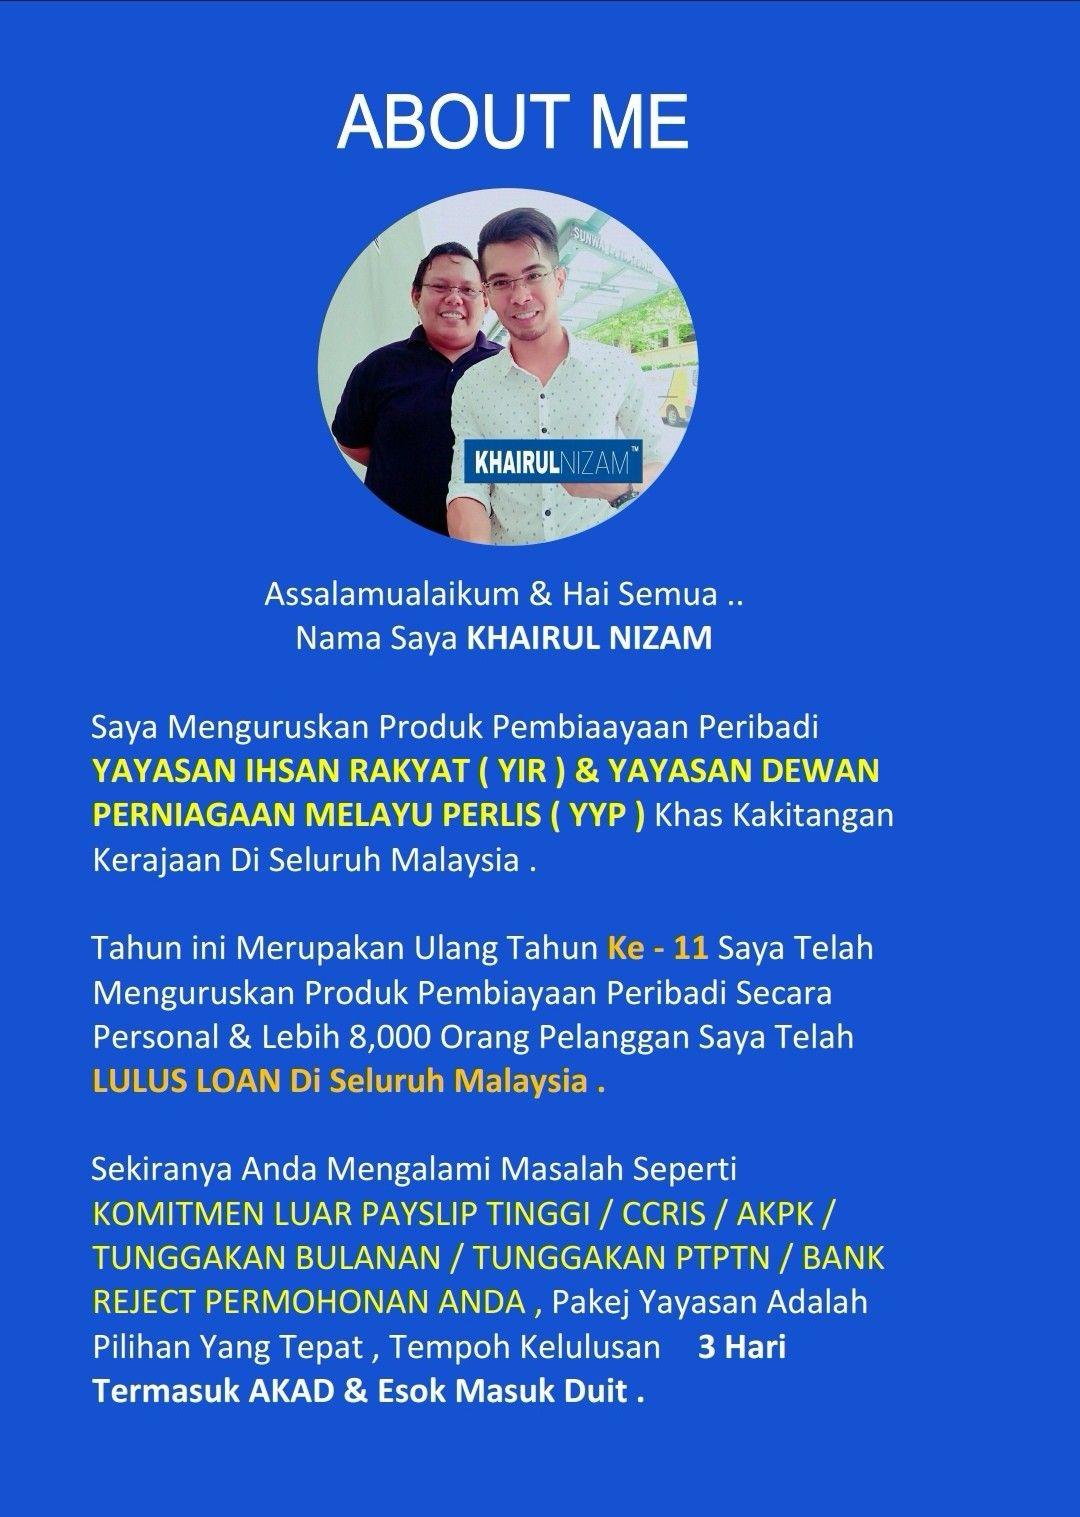 Yayasan Ihsan Rakyat Yir Malaysia